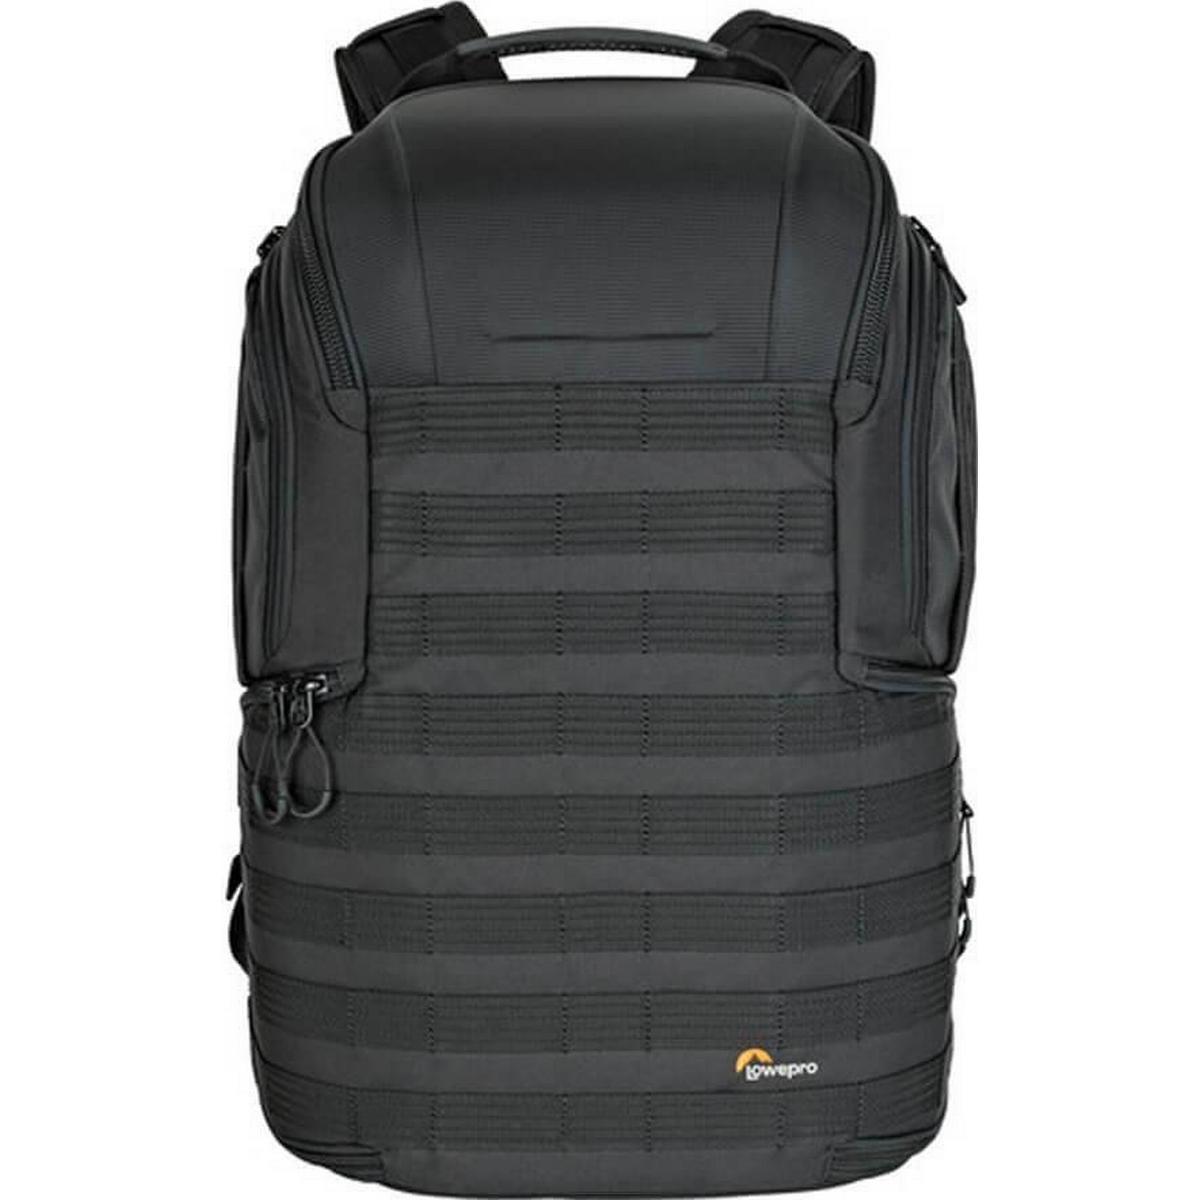 Lowepro ProTactic 250 AW kamera rygsæk